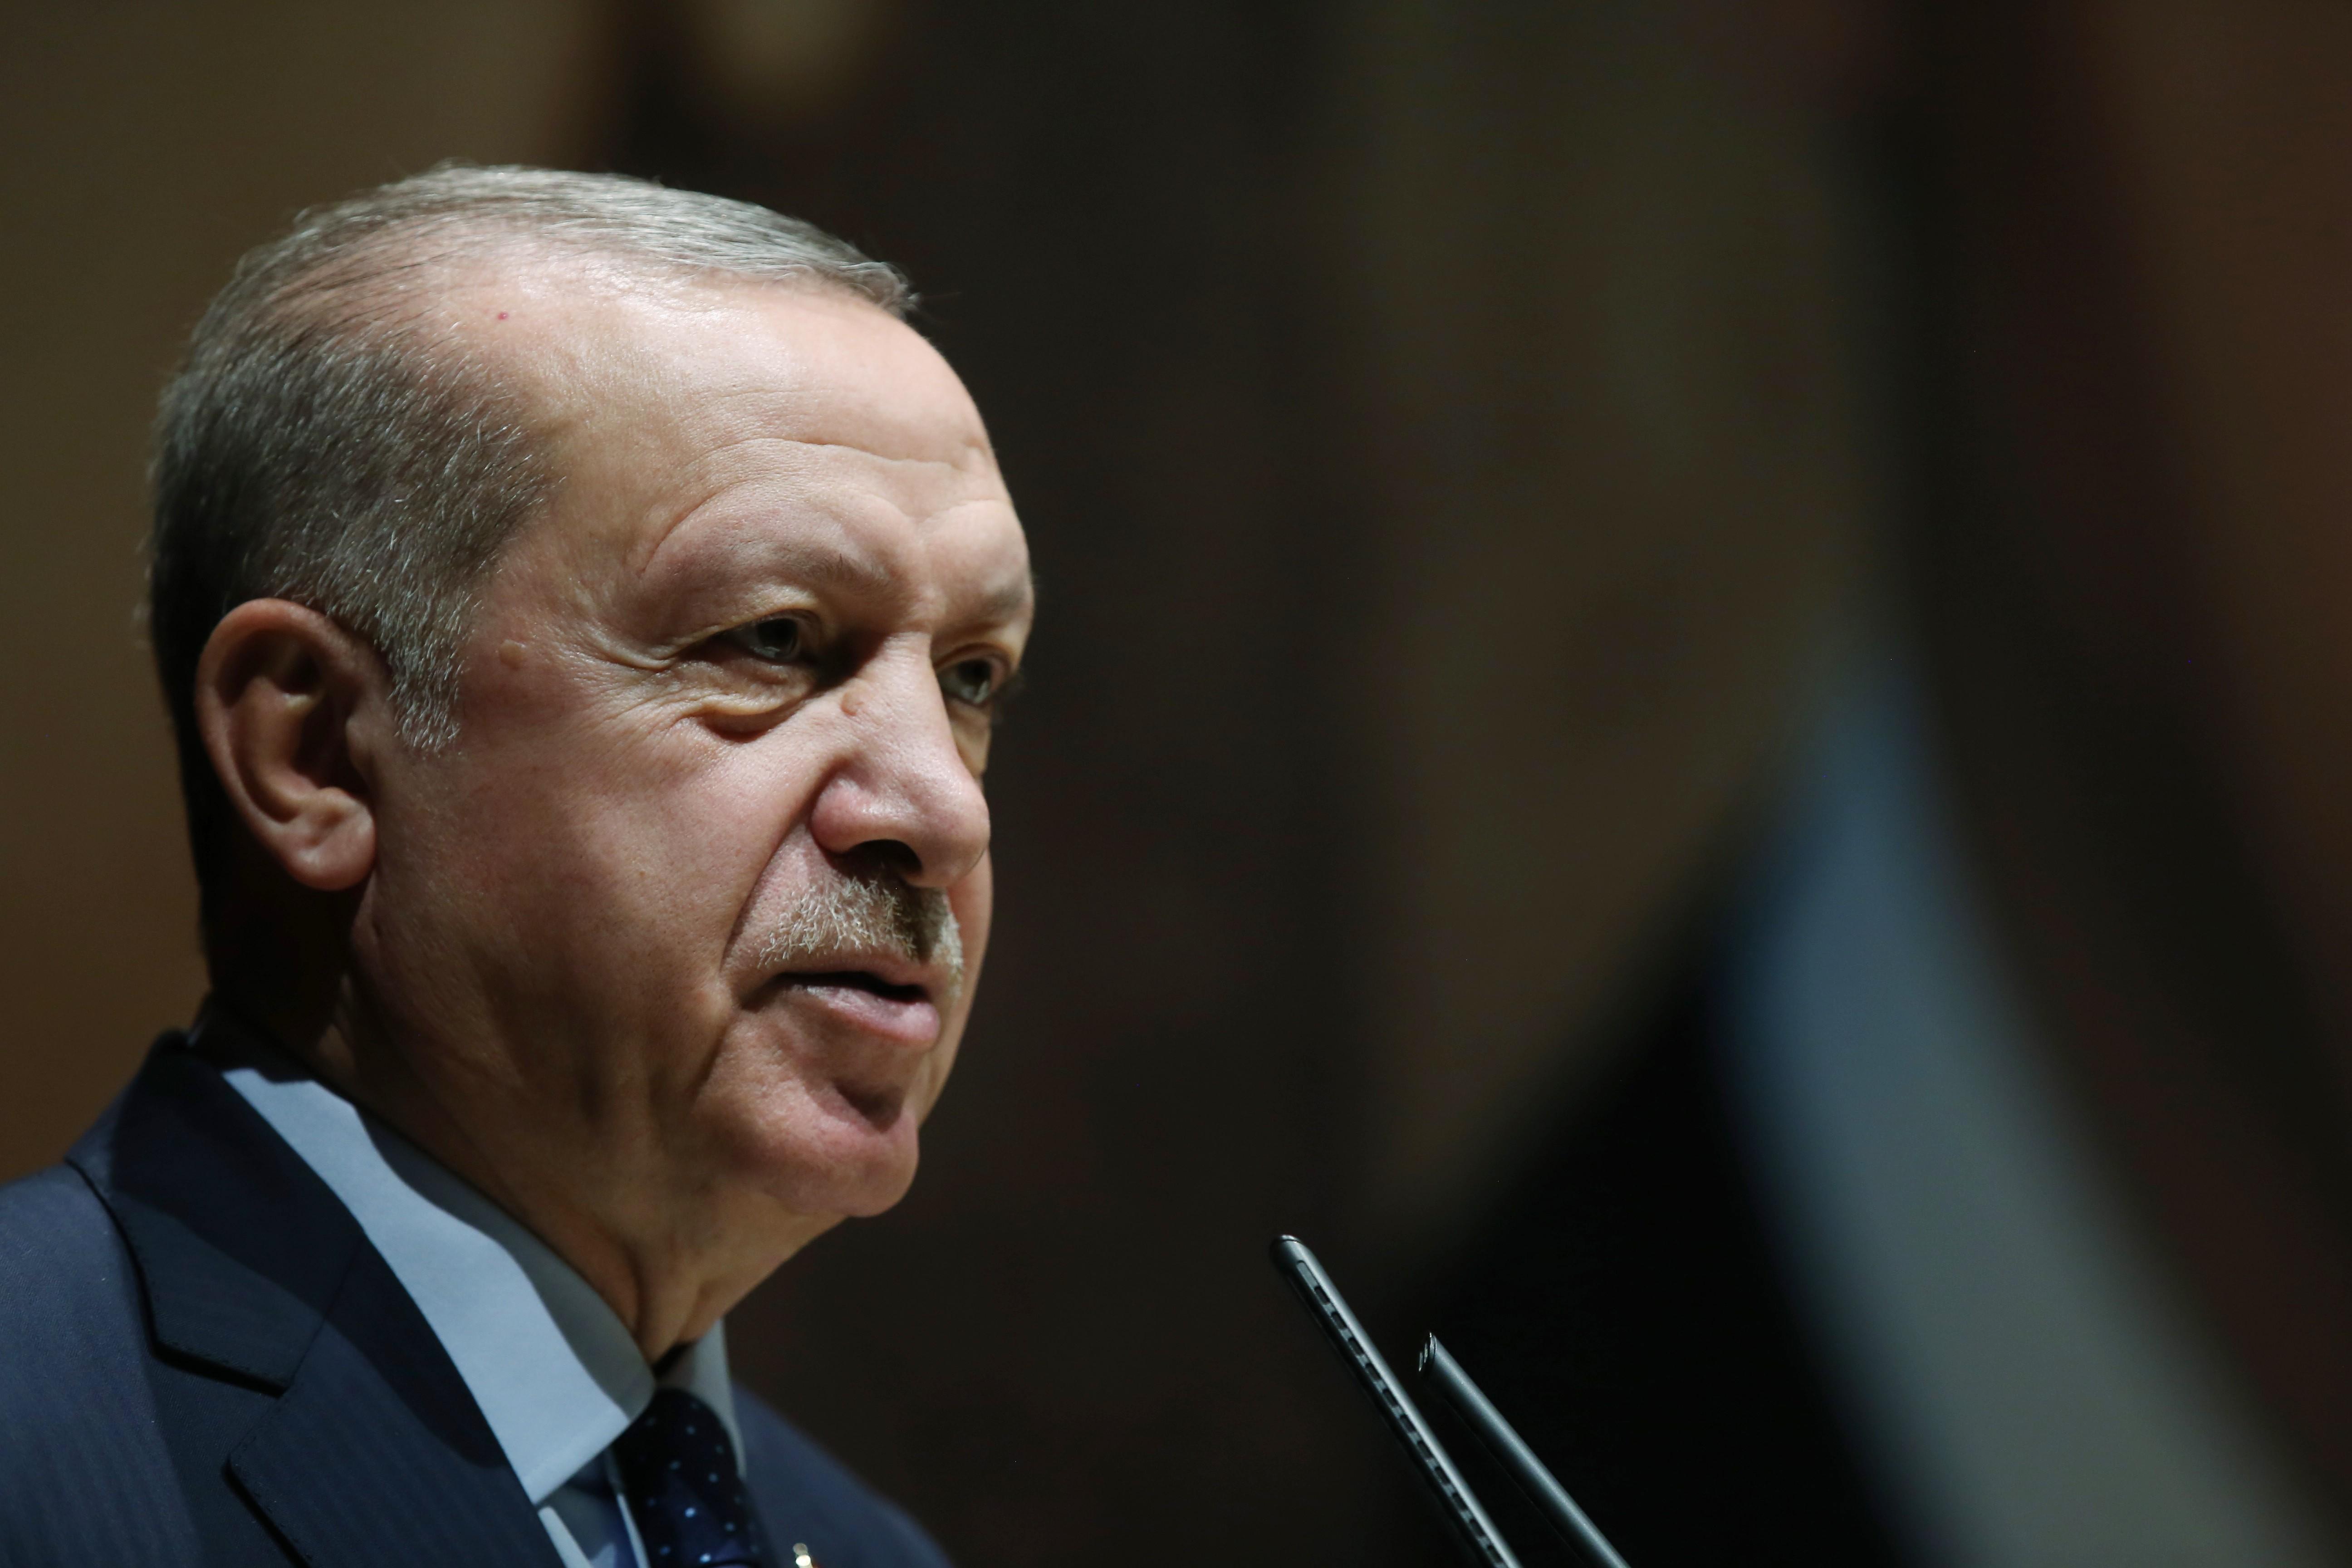 Cumhurbaşkanı Erdoğan, Aksak'ı unutmadı